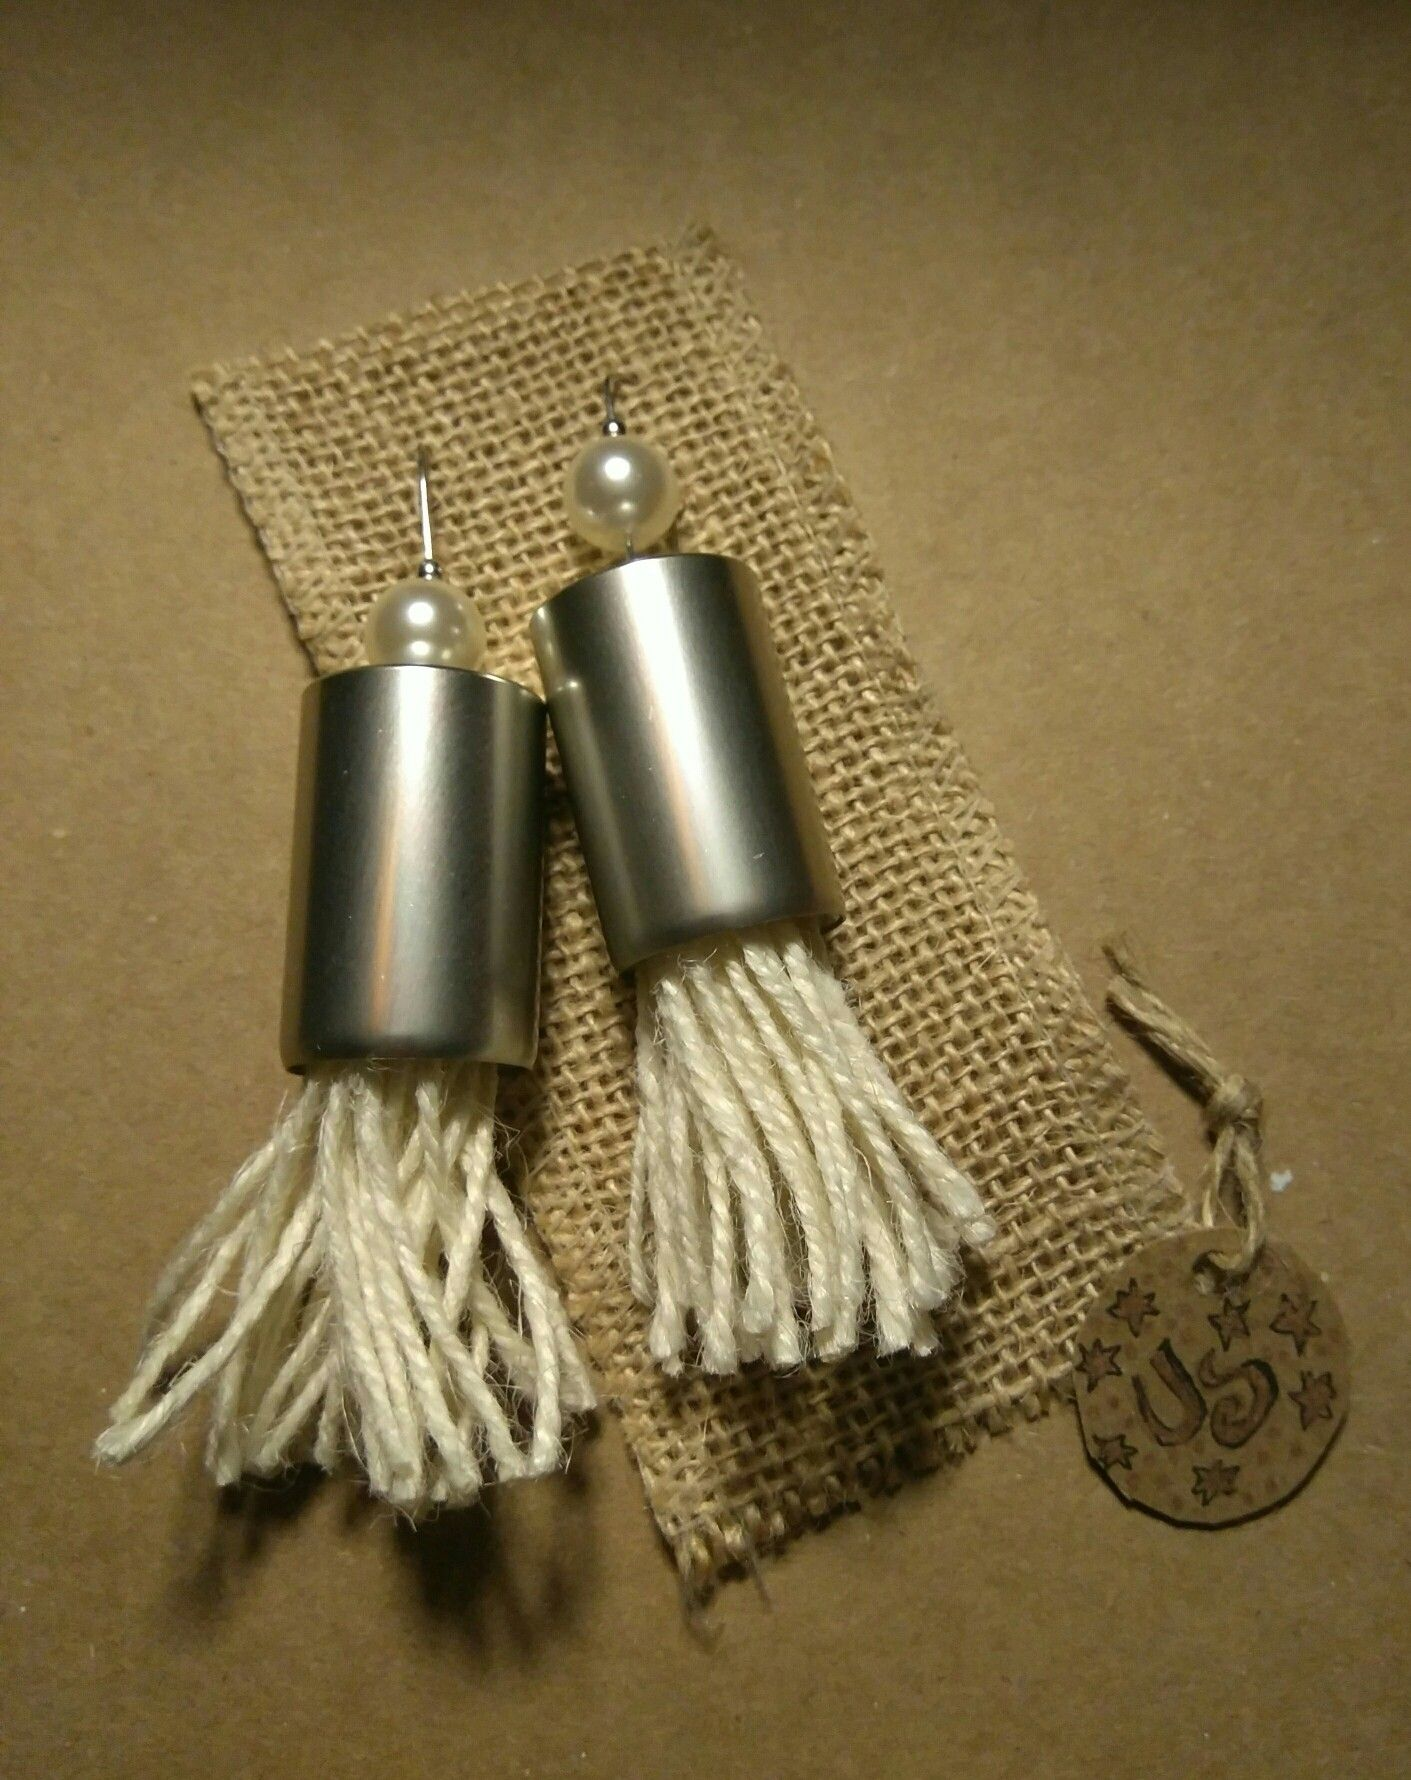 Pendientes de aluminio (tapones de colonia reciclados), alpaca, falsas perlas blancas y flecos de cordón rústico, de Universo Solariana.